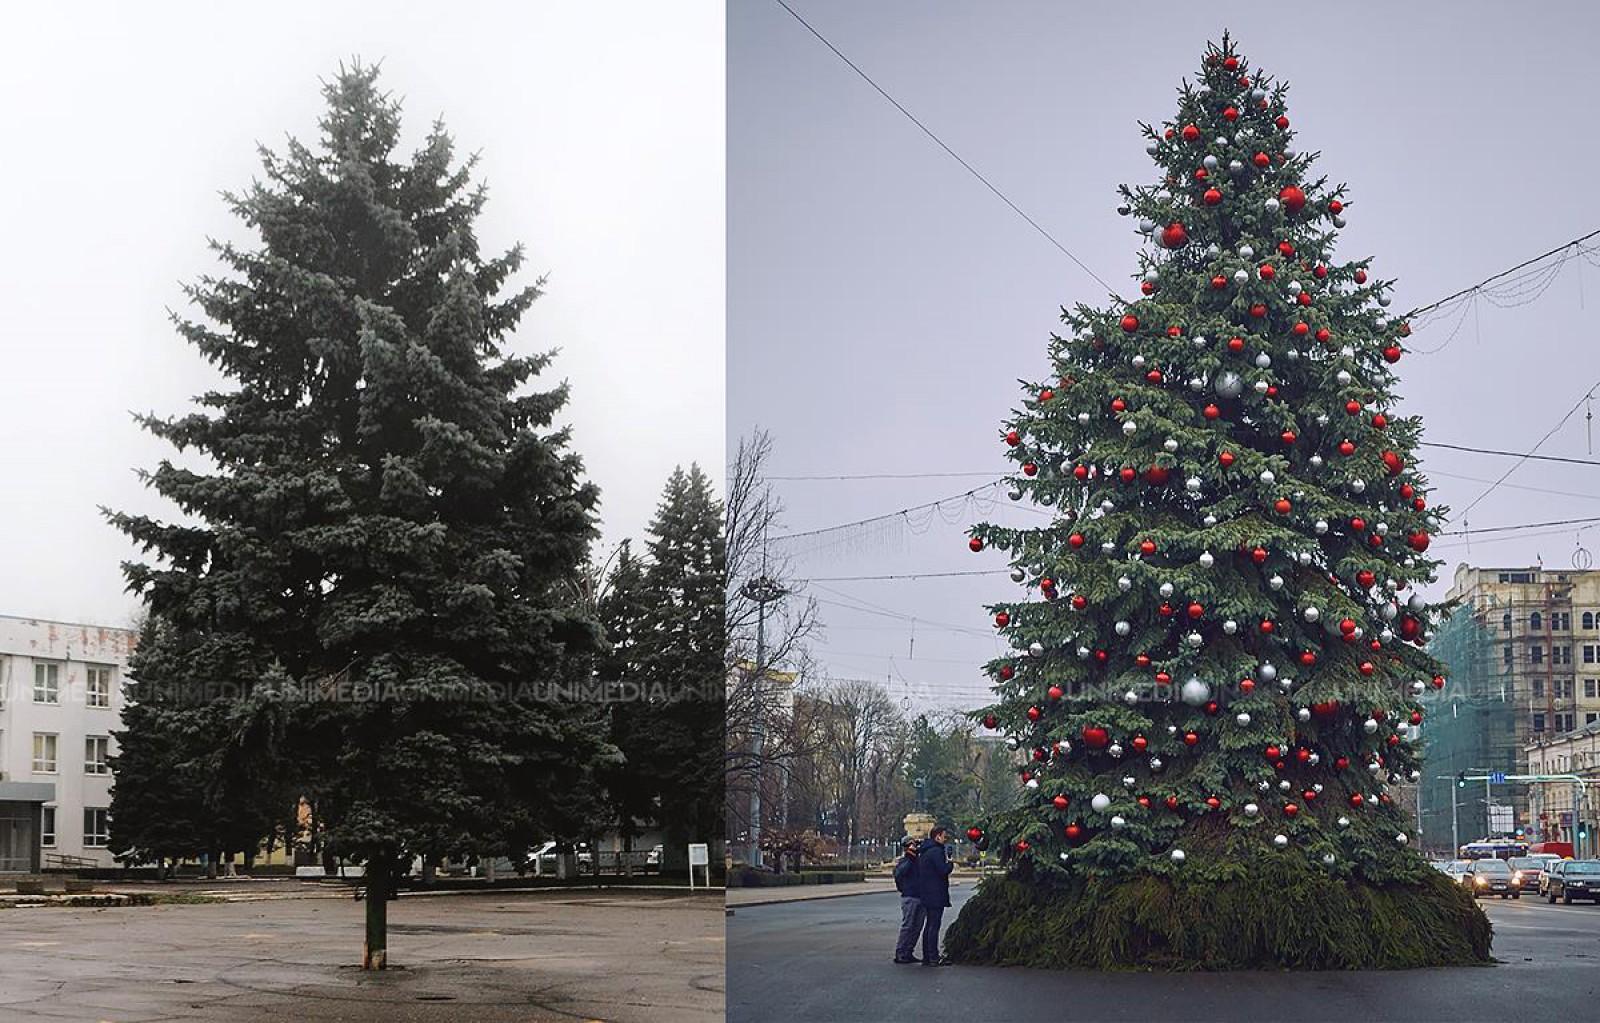 (foto) Bradul din Ungheni, mai frumos decât cel din Chișinău? Pomul este de aproape două ori mai ieftin decât cel din capitală